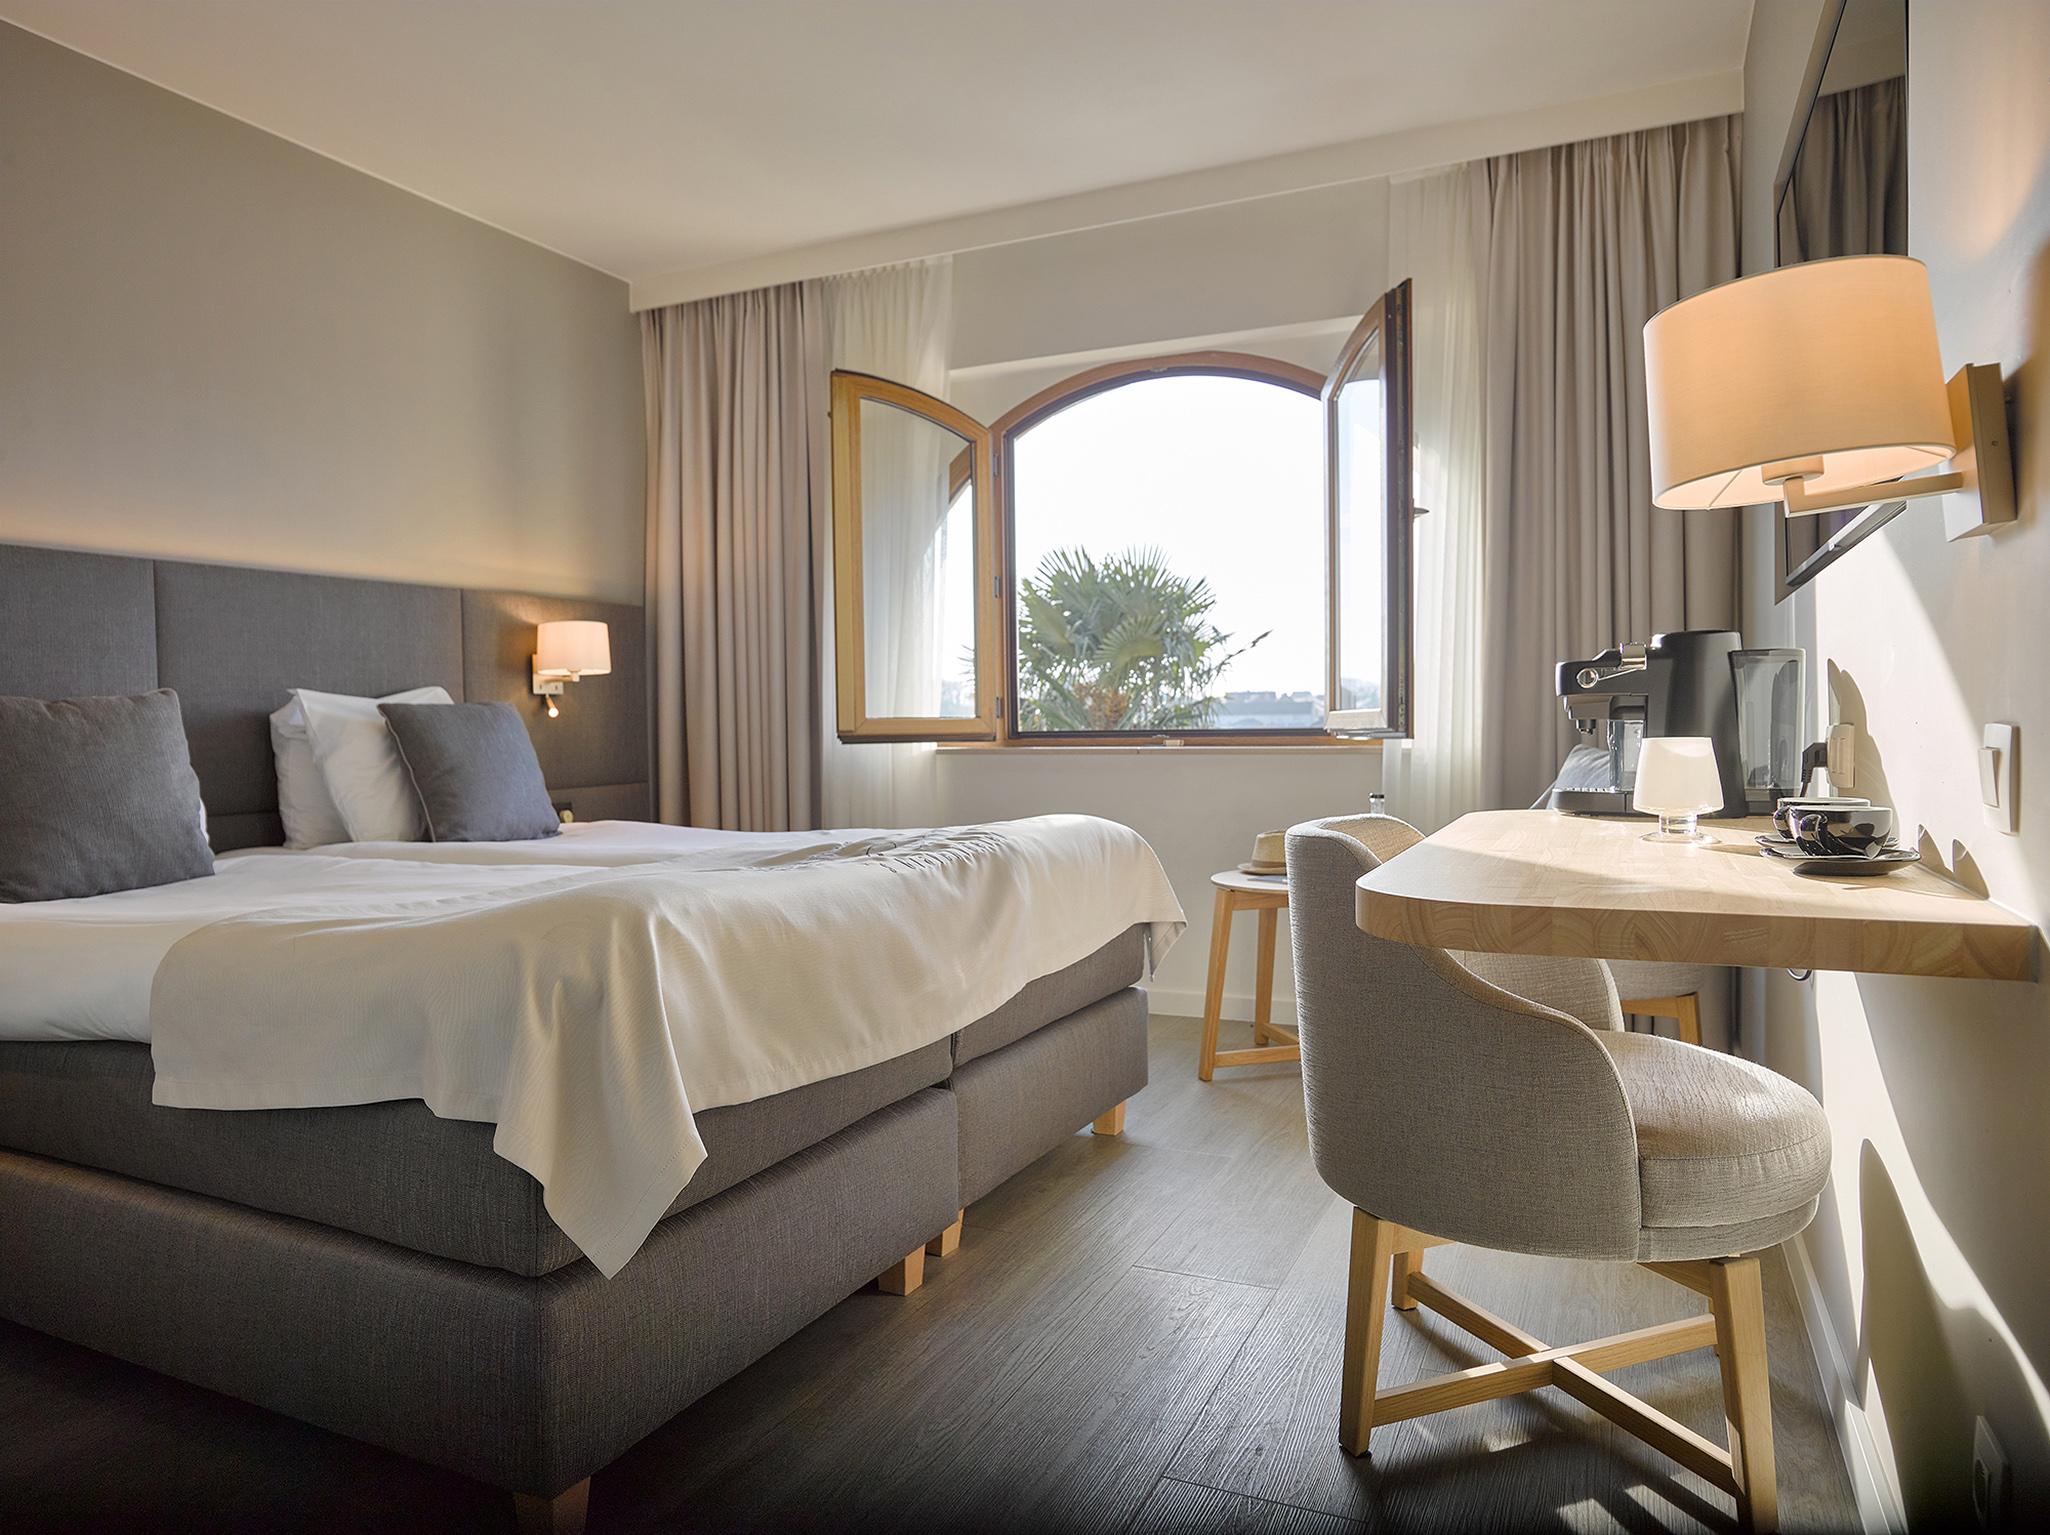 Hotel - Hotel De Kommel